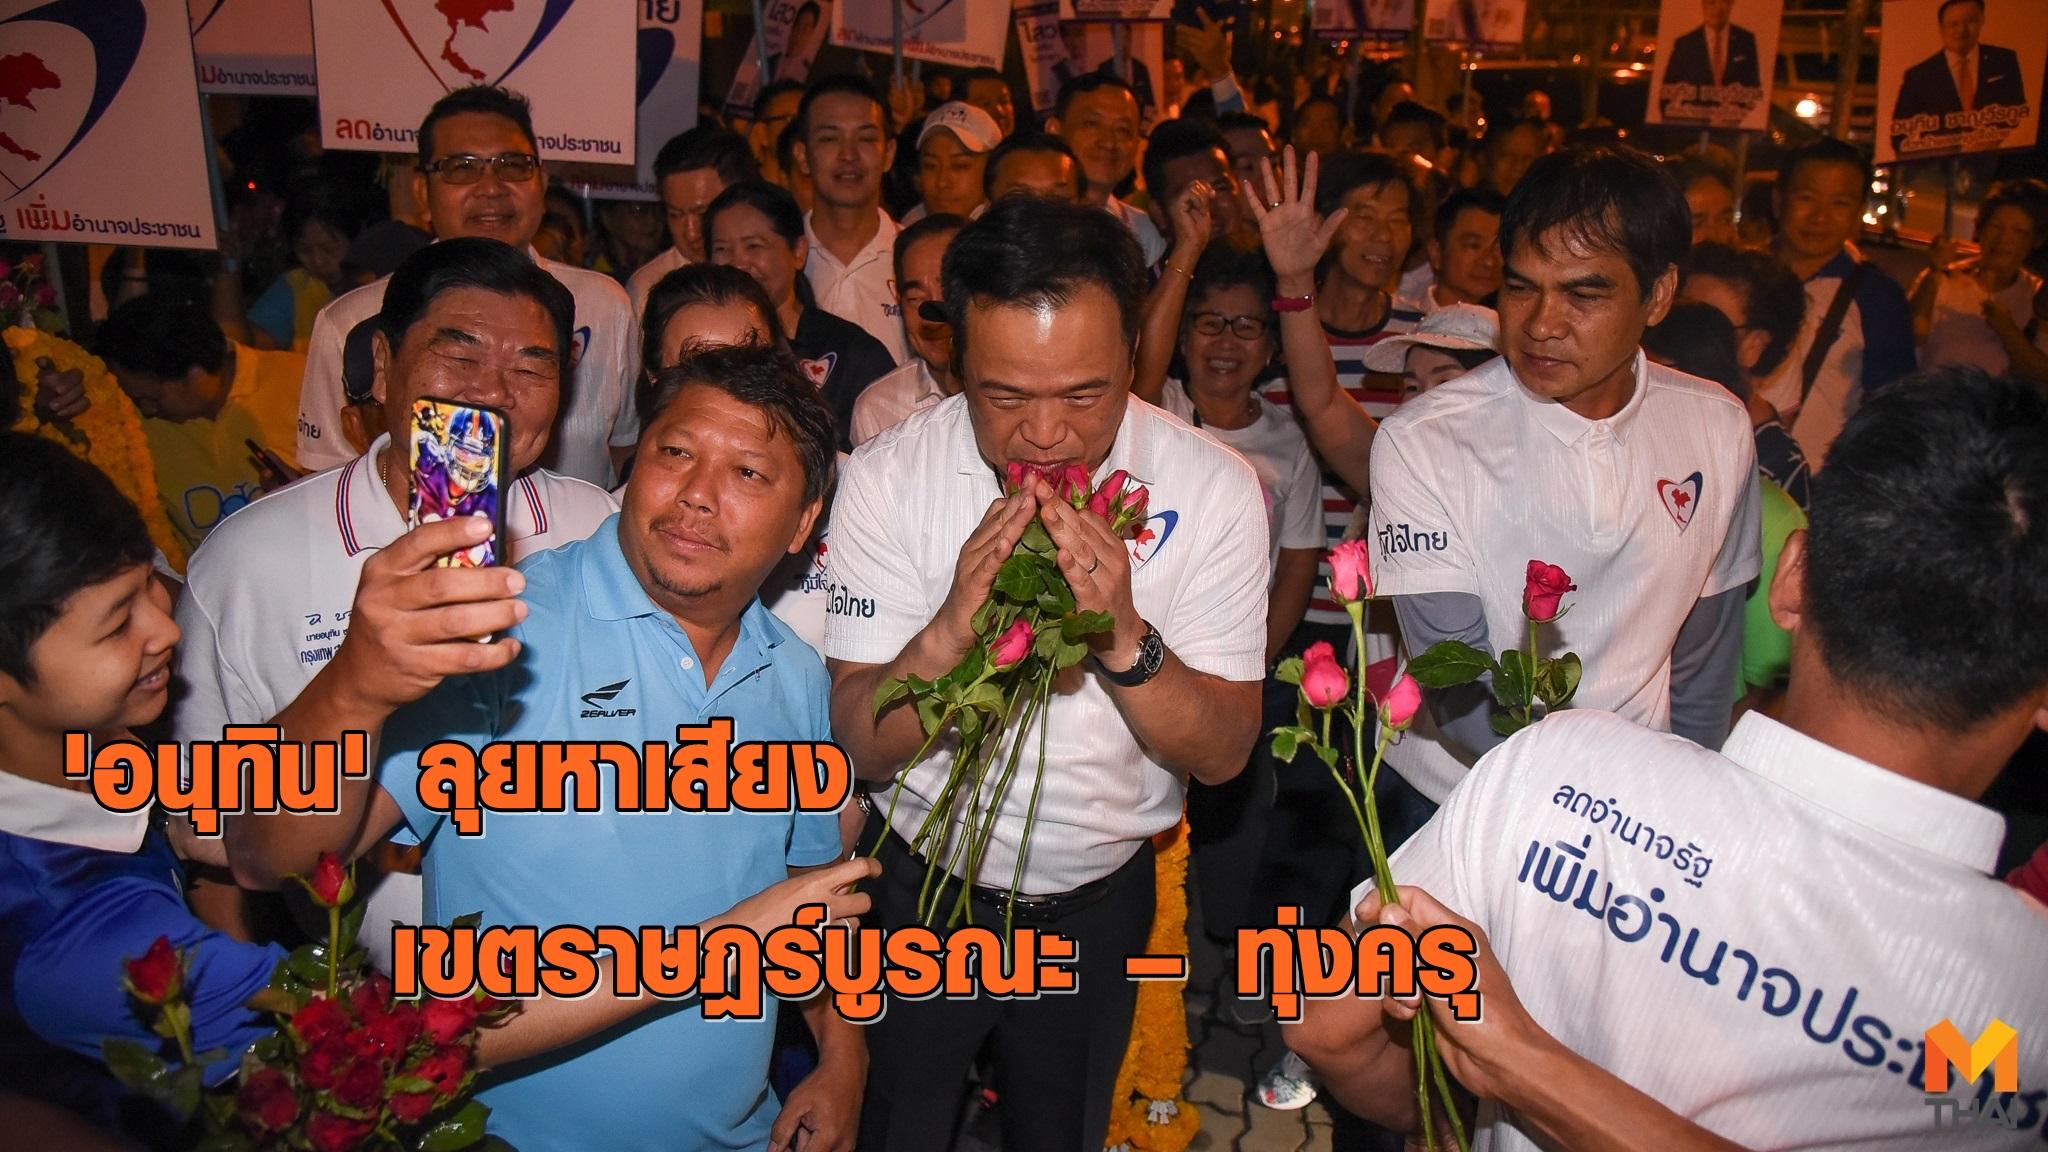 พรรคภูมิใจไทย อนุทิน อนุทิน ชาญวีรกูล เลือกตั้ง